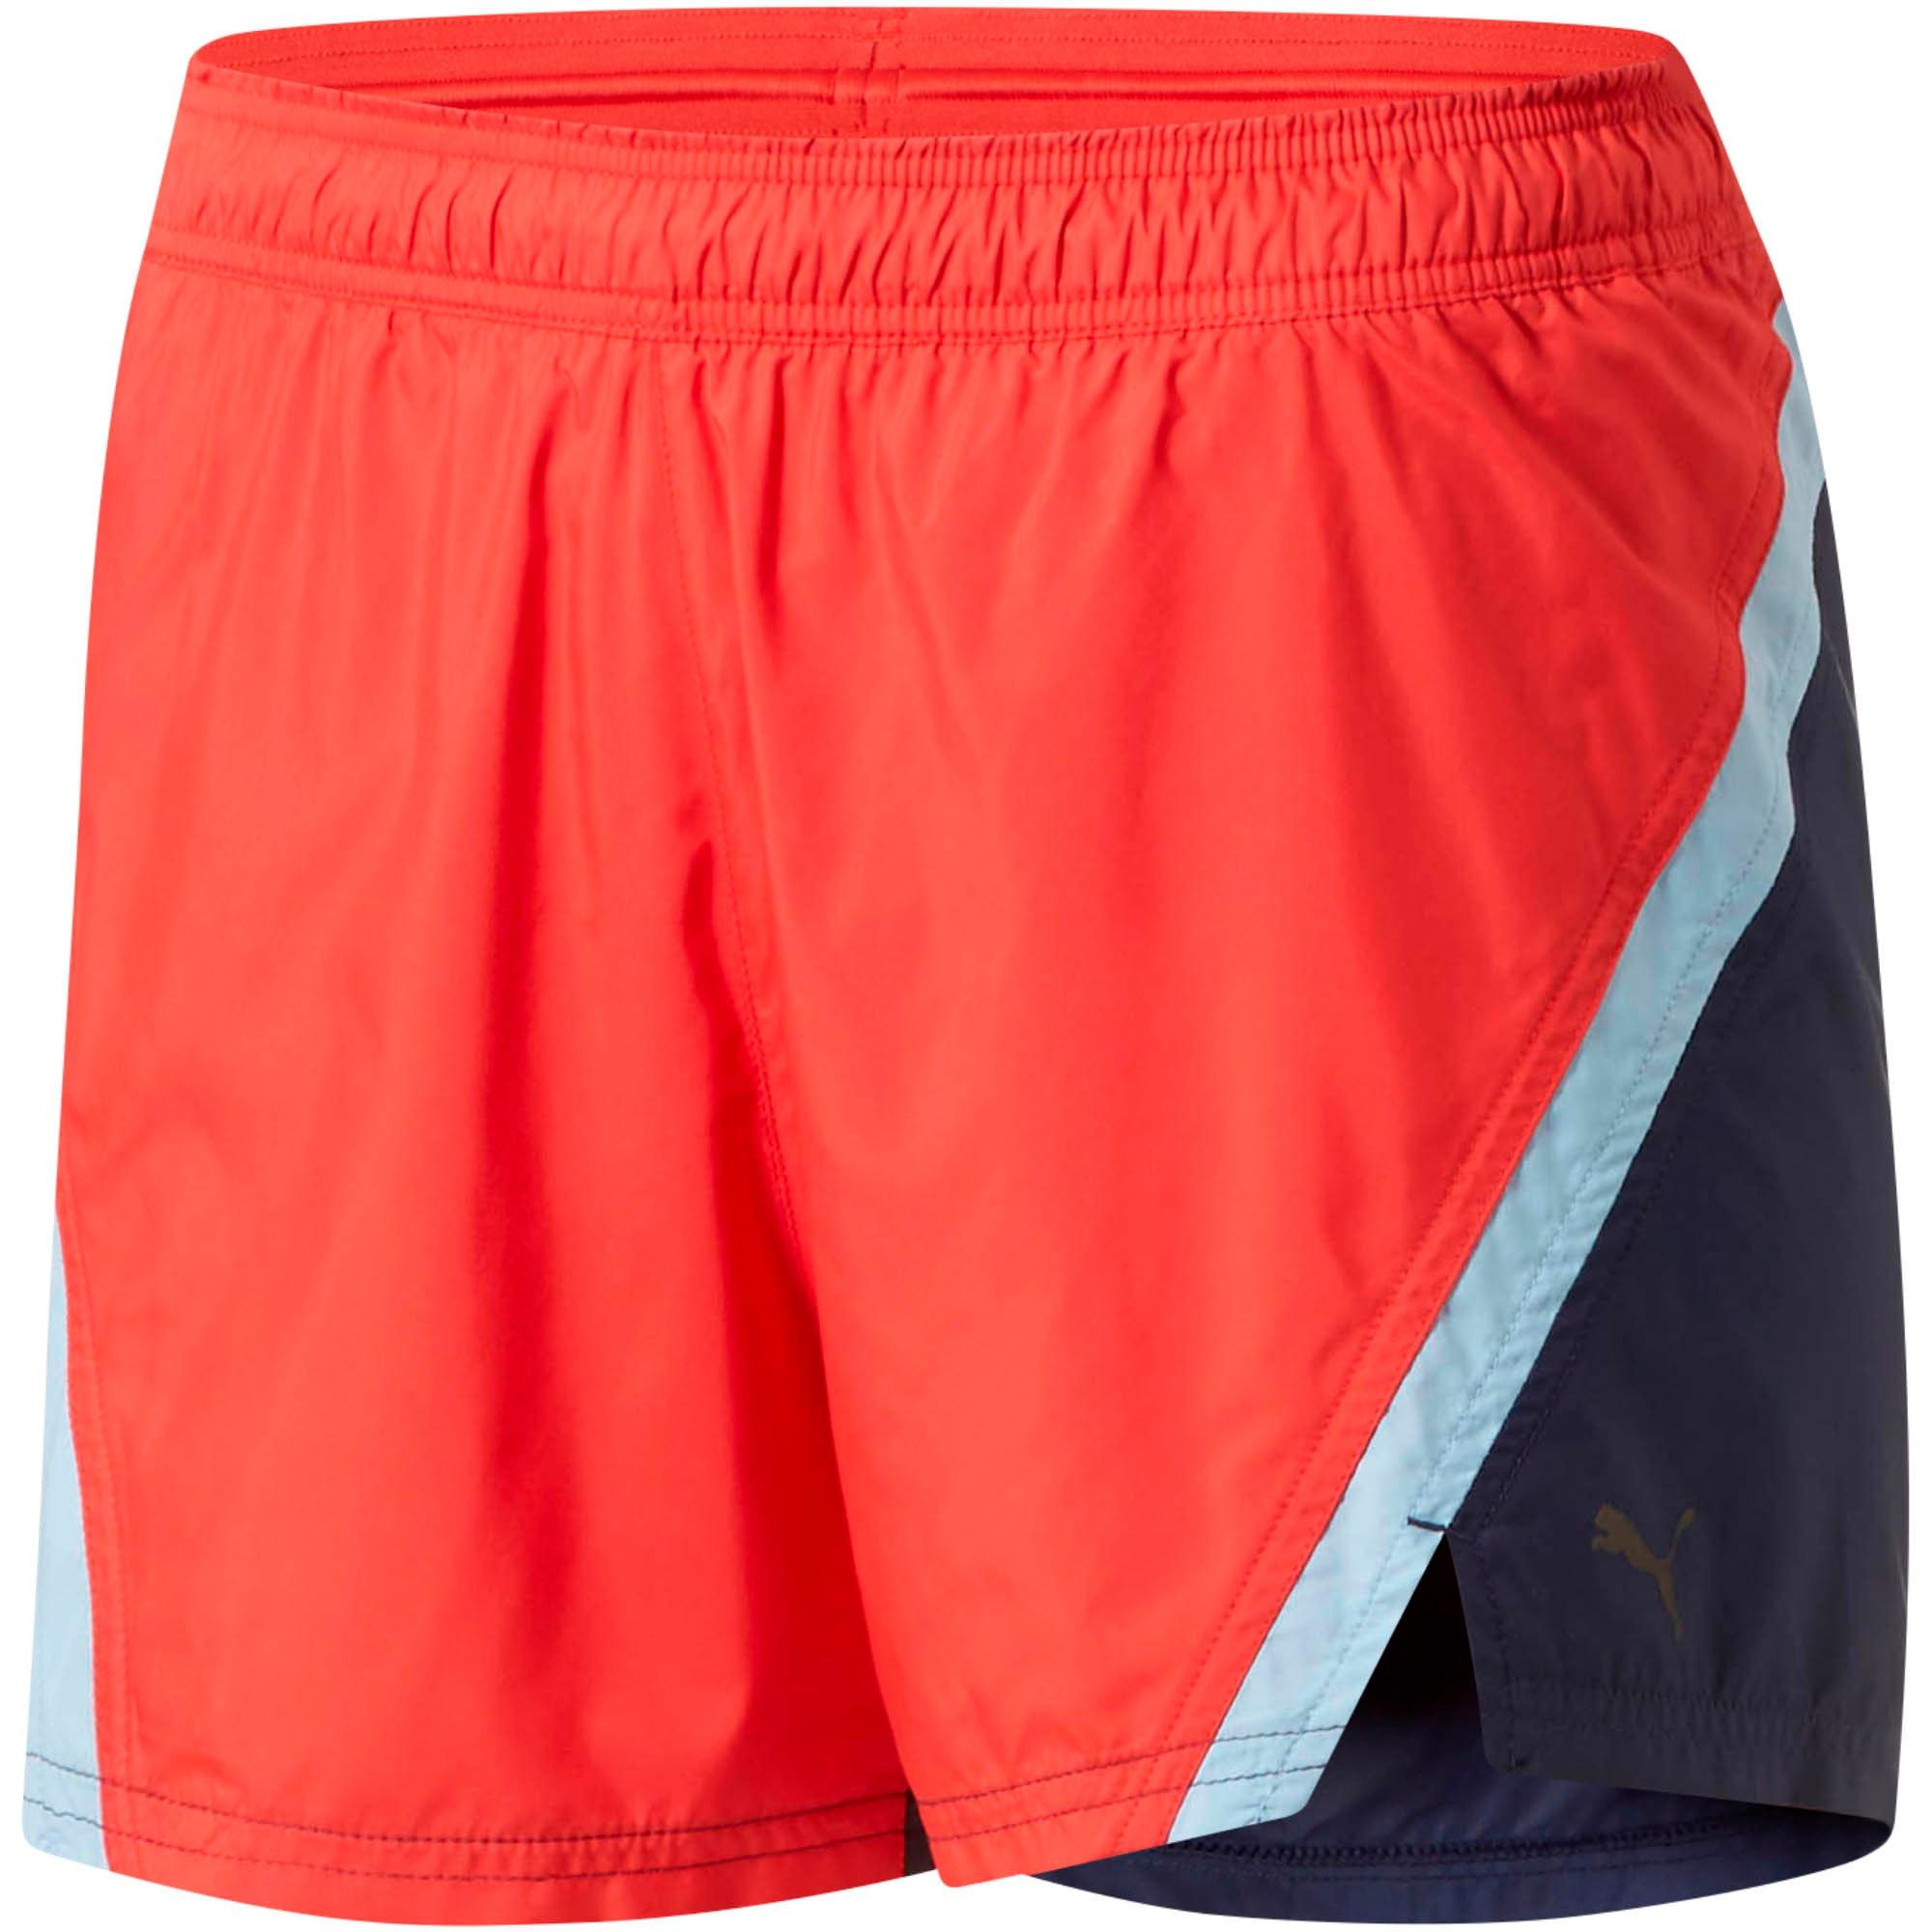 Thumbnail 1 of Blast 3'' Women's Training Shorts, Ribbon Red, medium